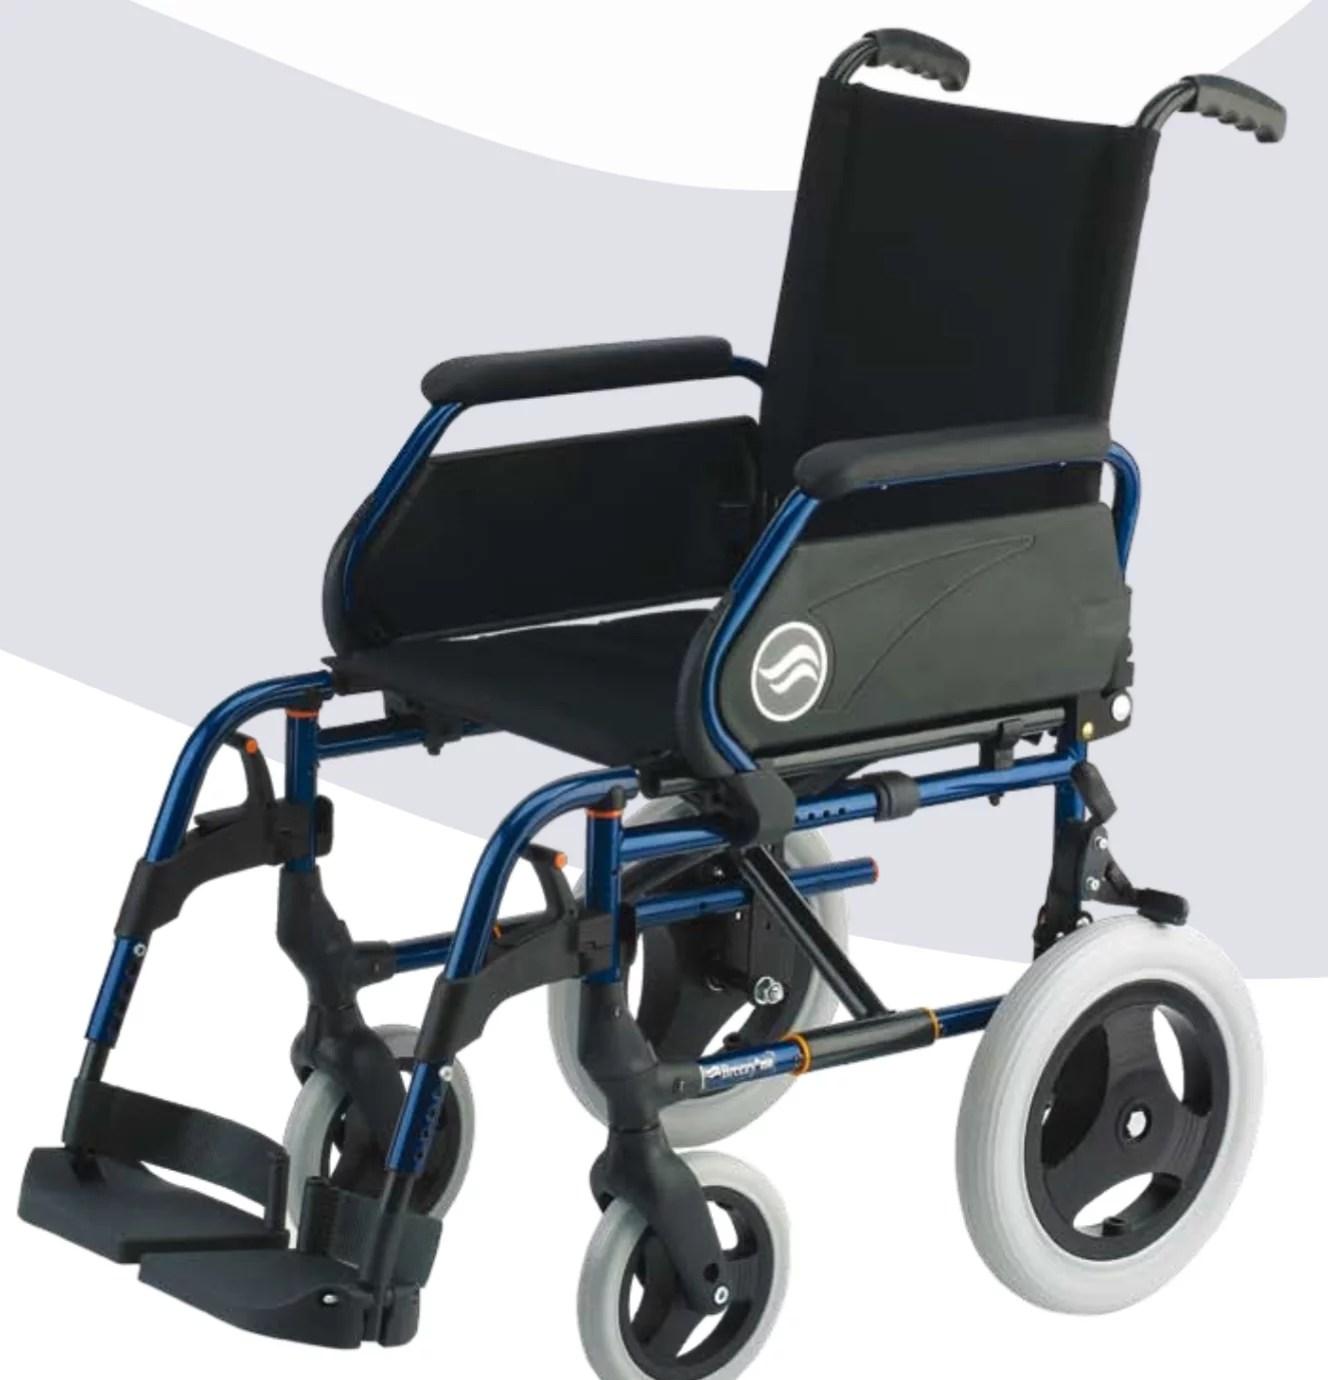 Silla de ruedas plegable Breezy 250 de venta en La